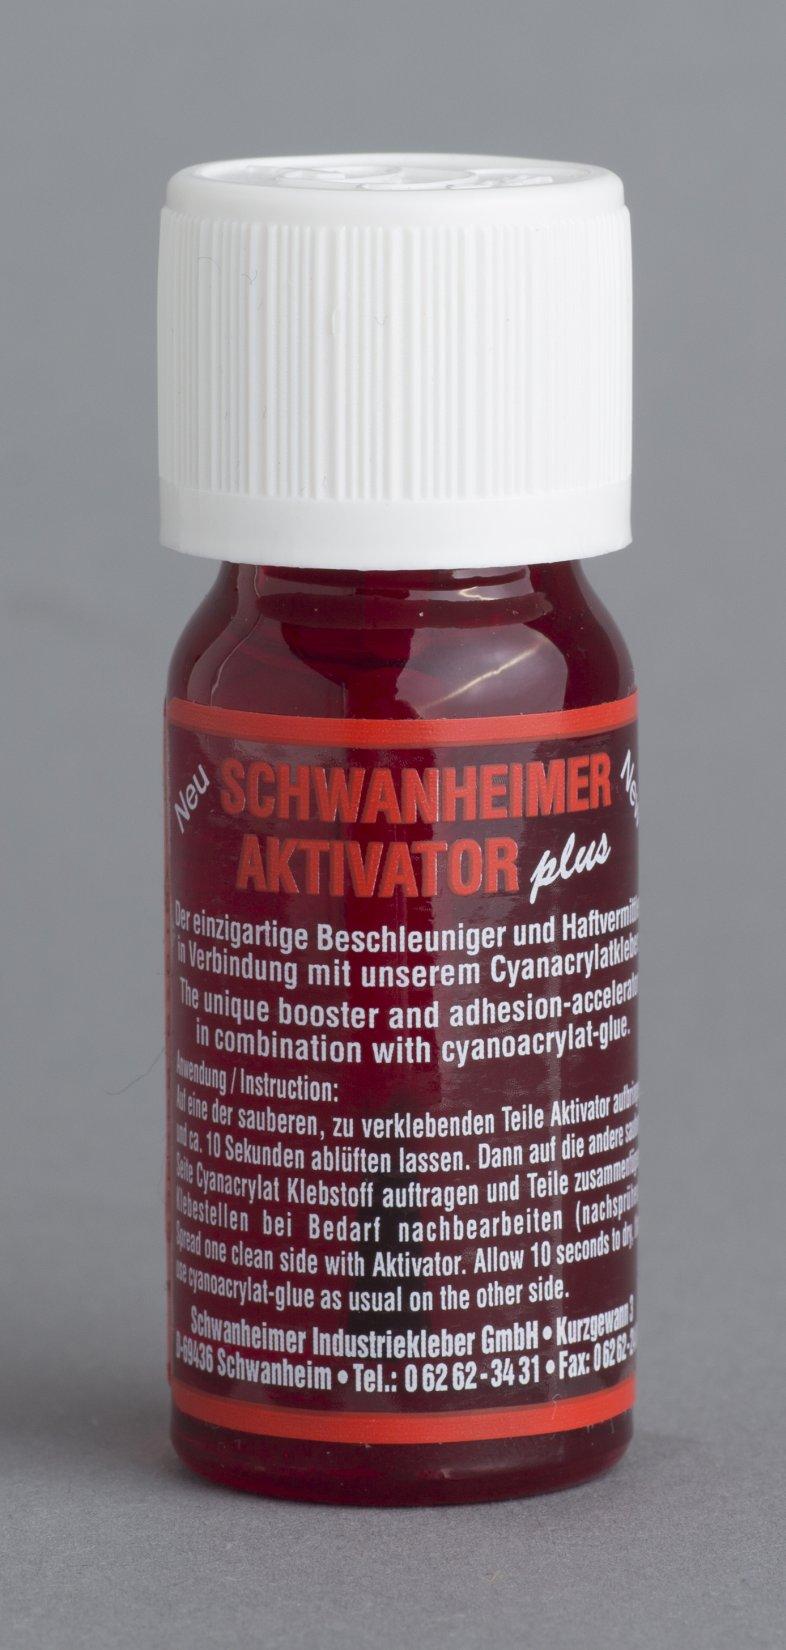 Schwanheimer Aktivator Plus